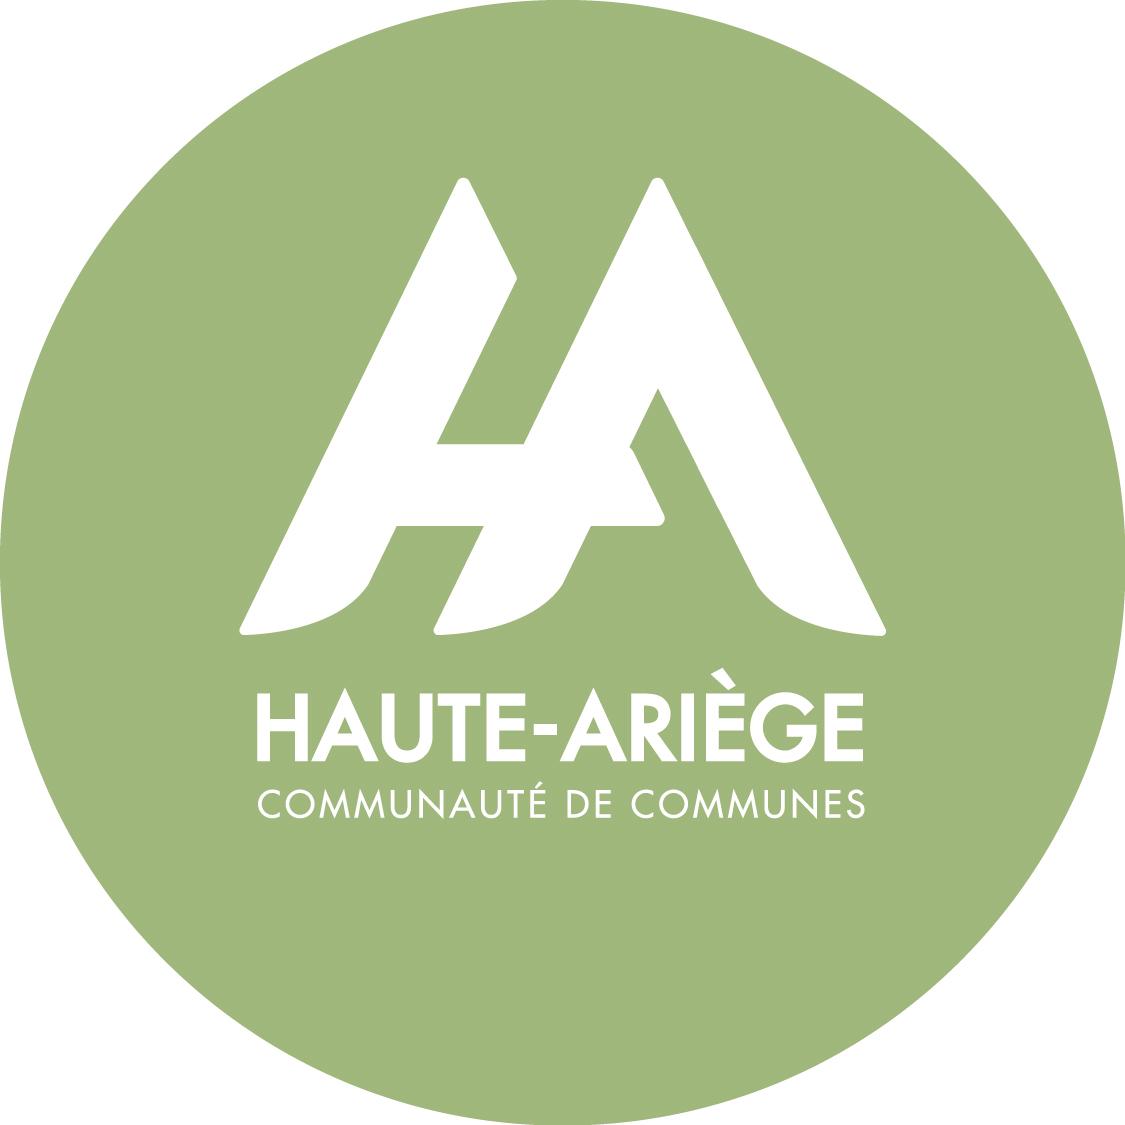 Communauté de Communes : Haute-Ariège